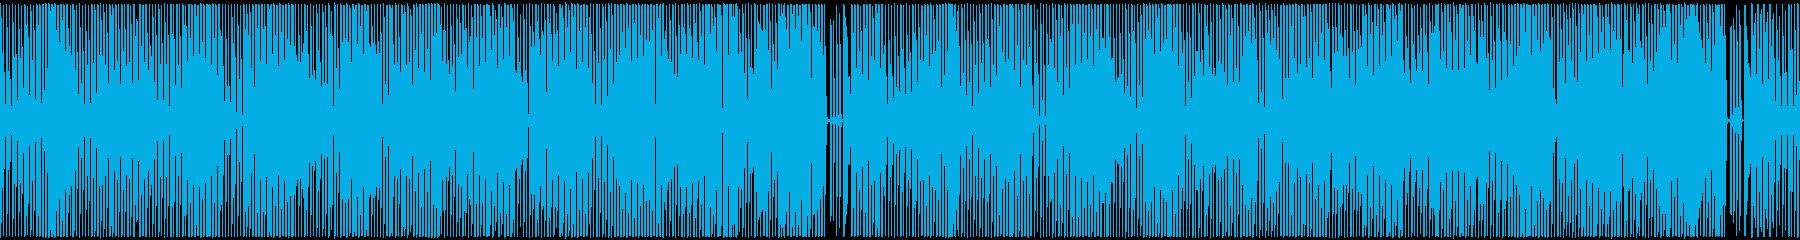 ドタバタした明るく弾むようなシンセBGMの再生済みの波形